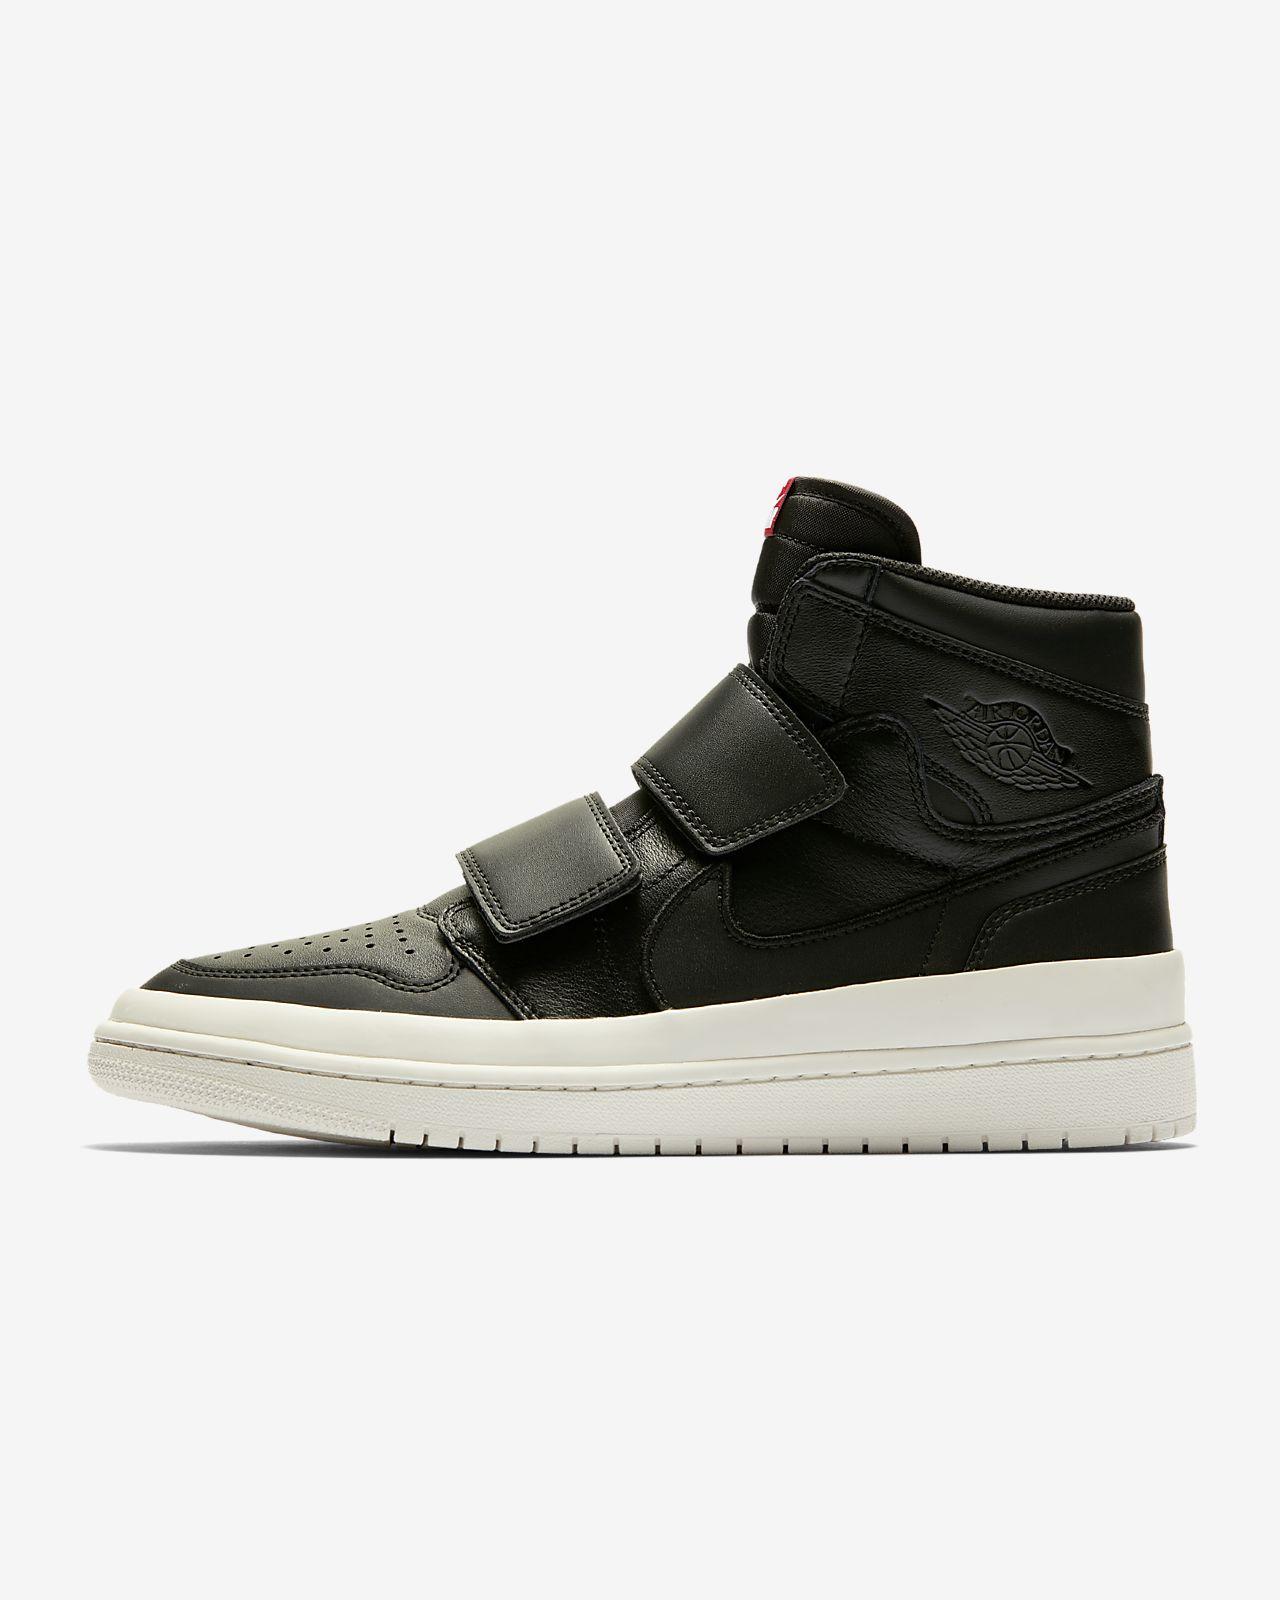 Calzado para hombre Air Jordan 1 Retro High Double Strap